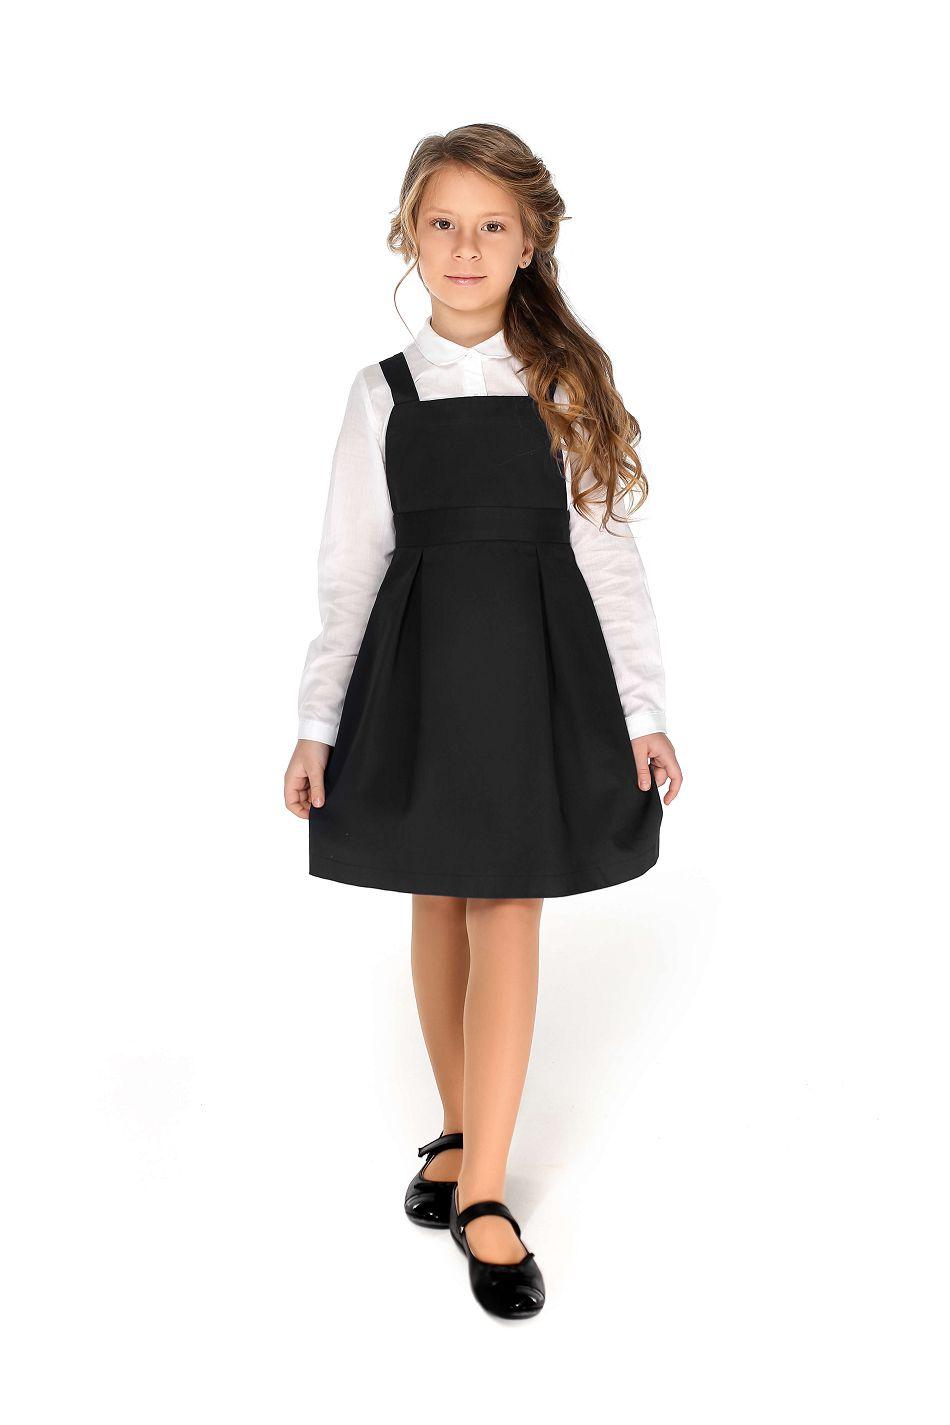 черный сарафан на девочку школьный